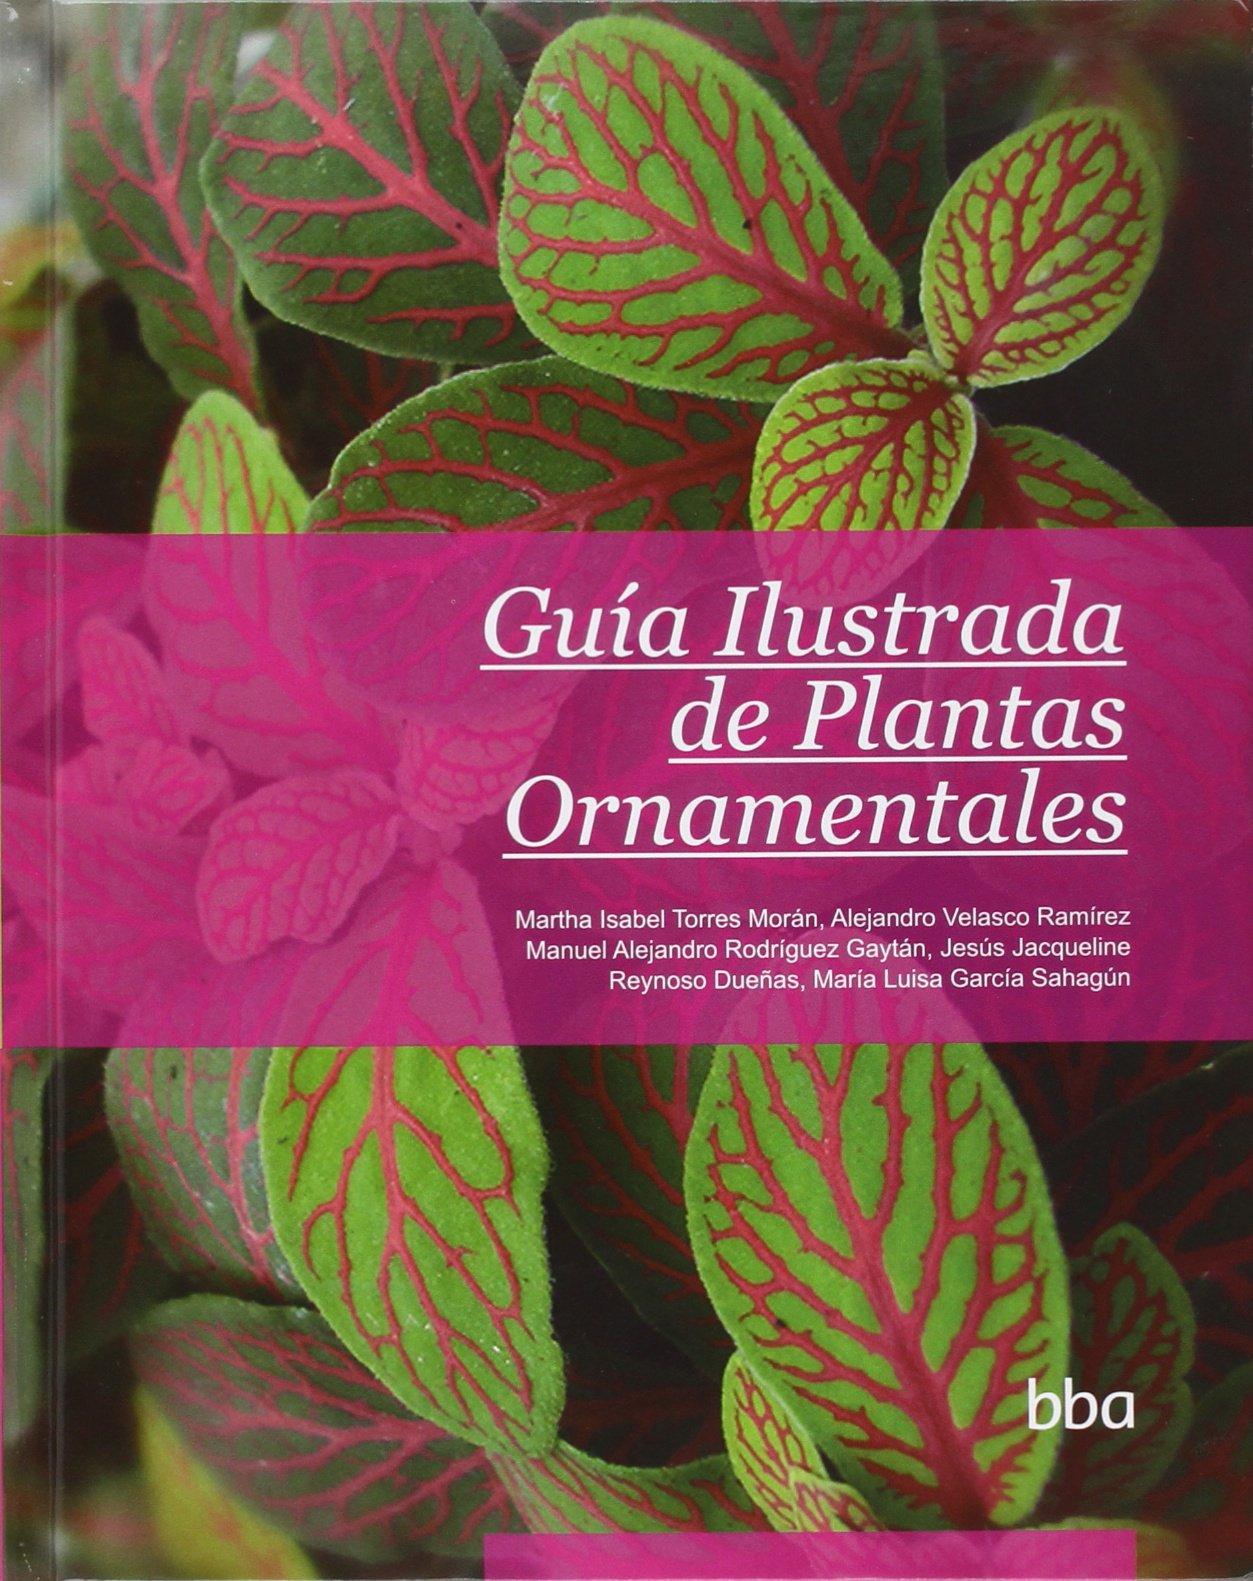 Guía Ilustrada De Plantas Ornamentales: Amazon.es: Torres Morán, Martha Isabel: Libros